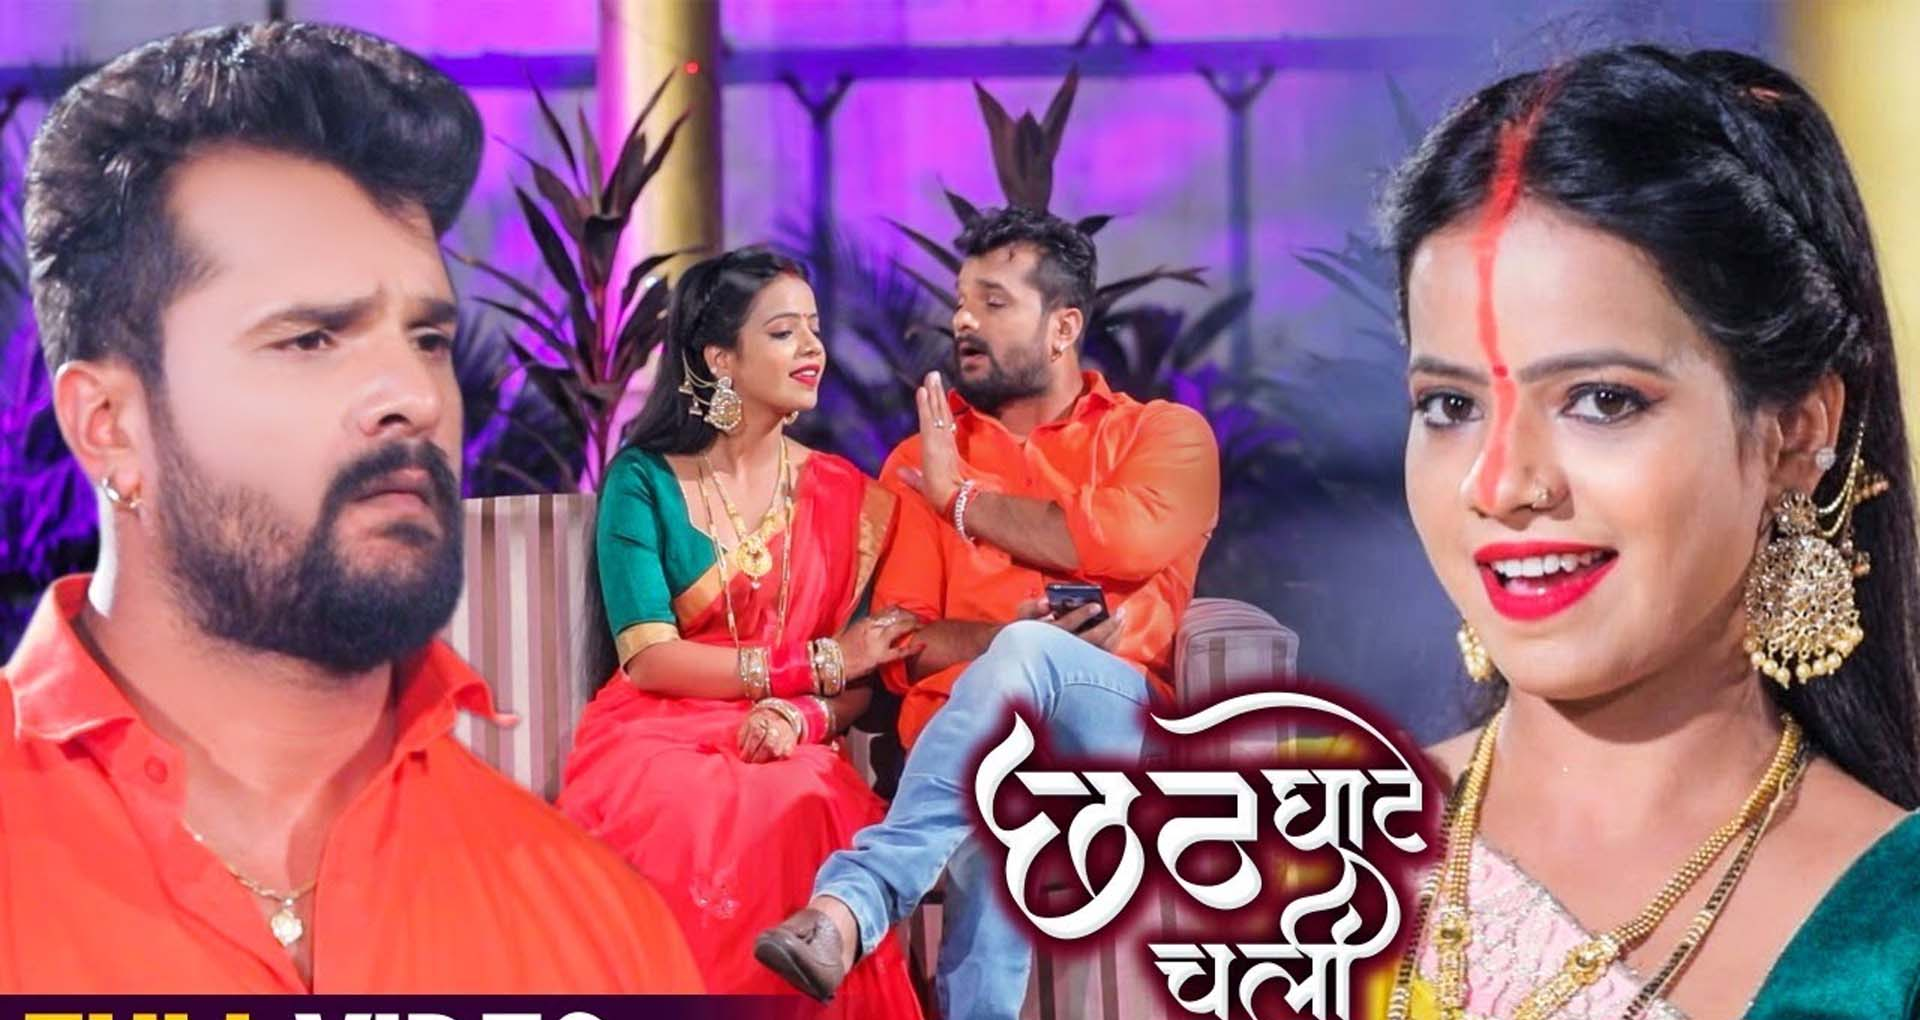 Khesari Lal Chhath Geet: खेसारी लाल यादव के दो नए छठ गीत, रिलीज के साथ मचाया धमाल, देखें वीडियो